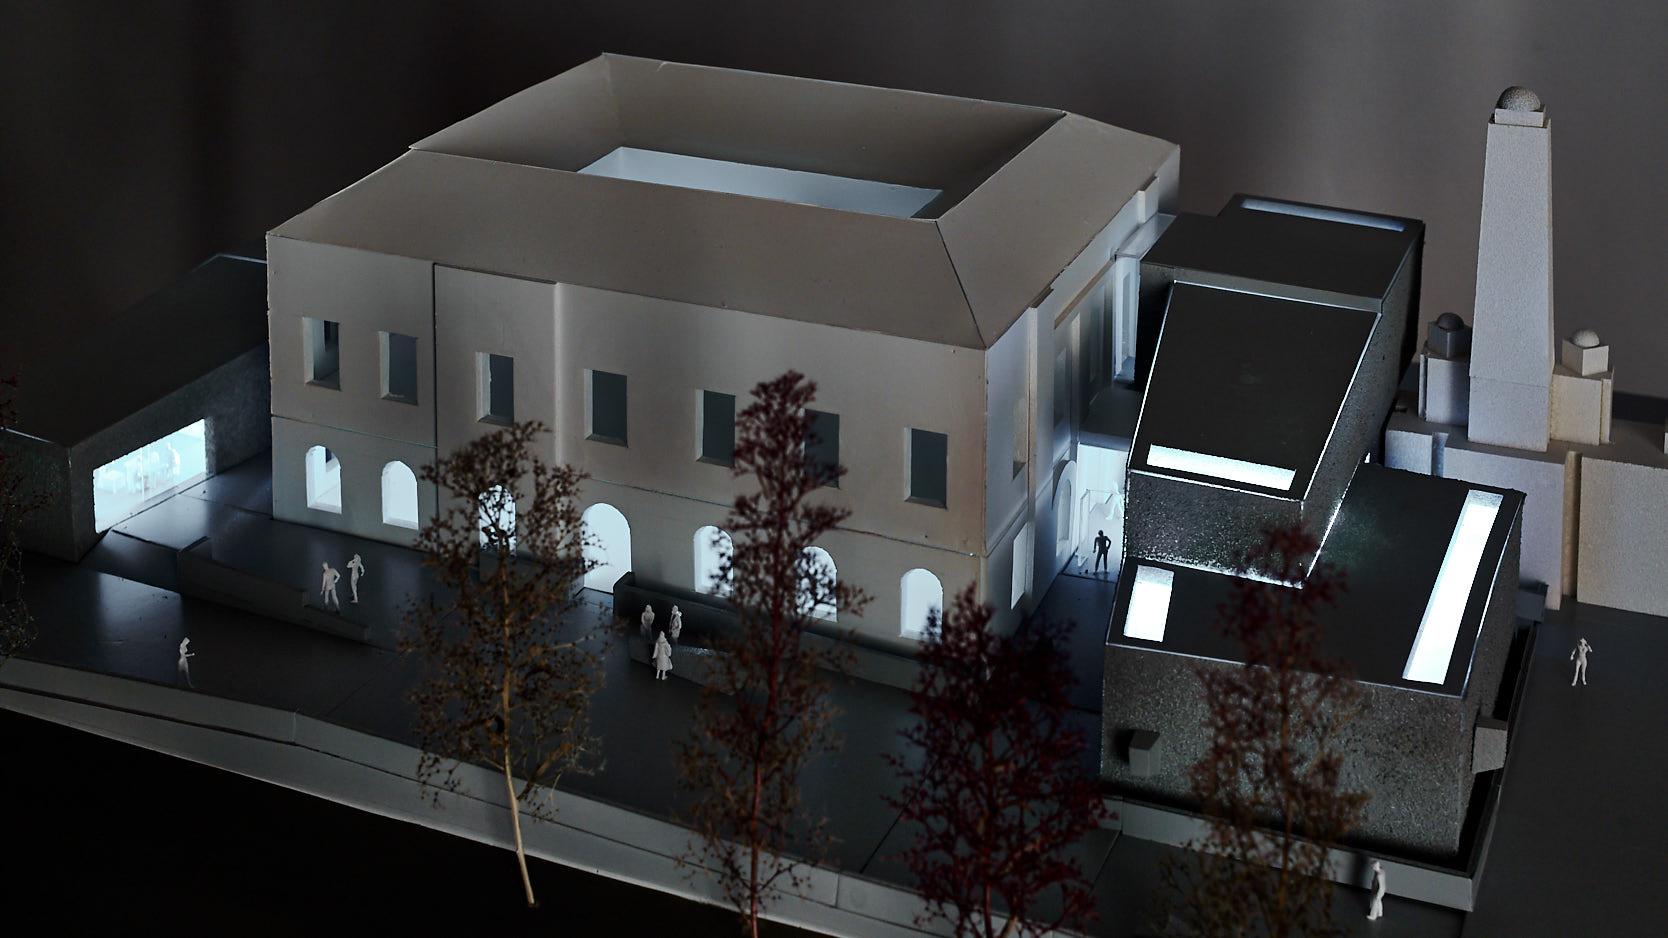 Zentralfriedhof: Model night view